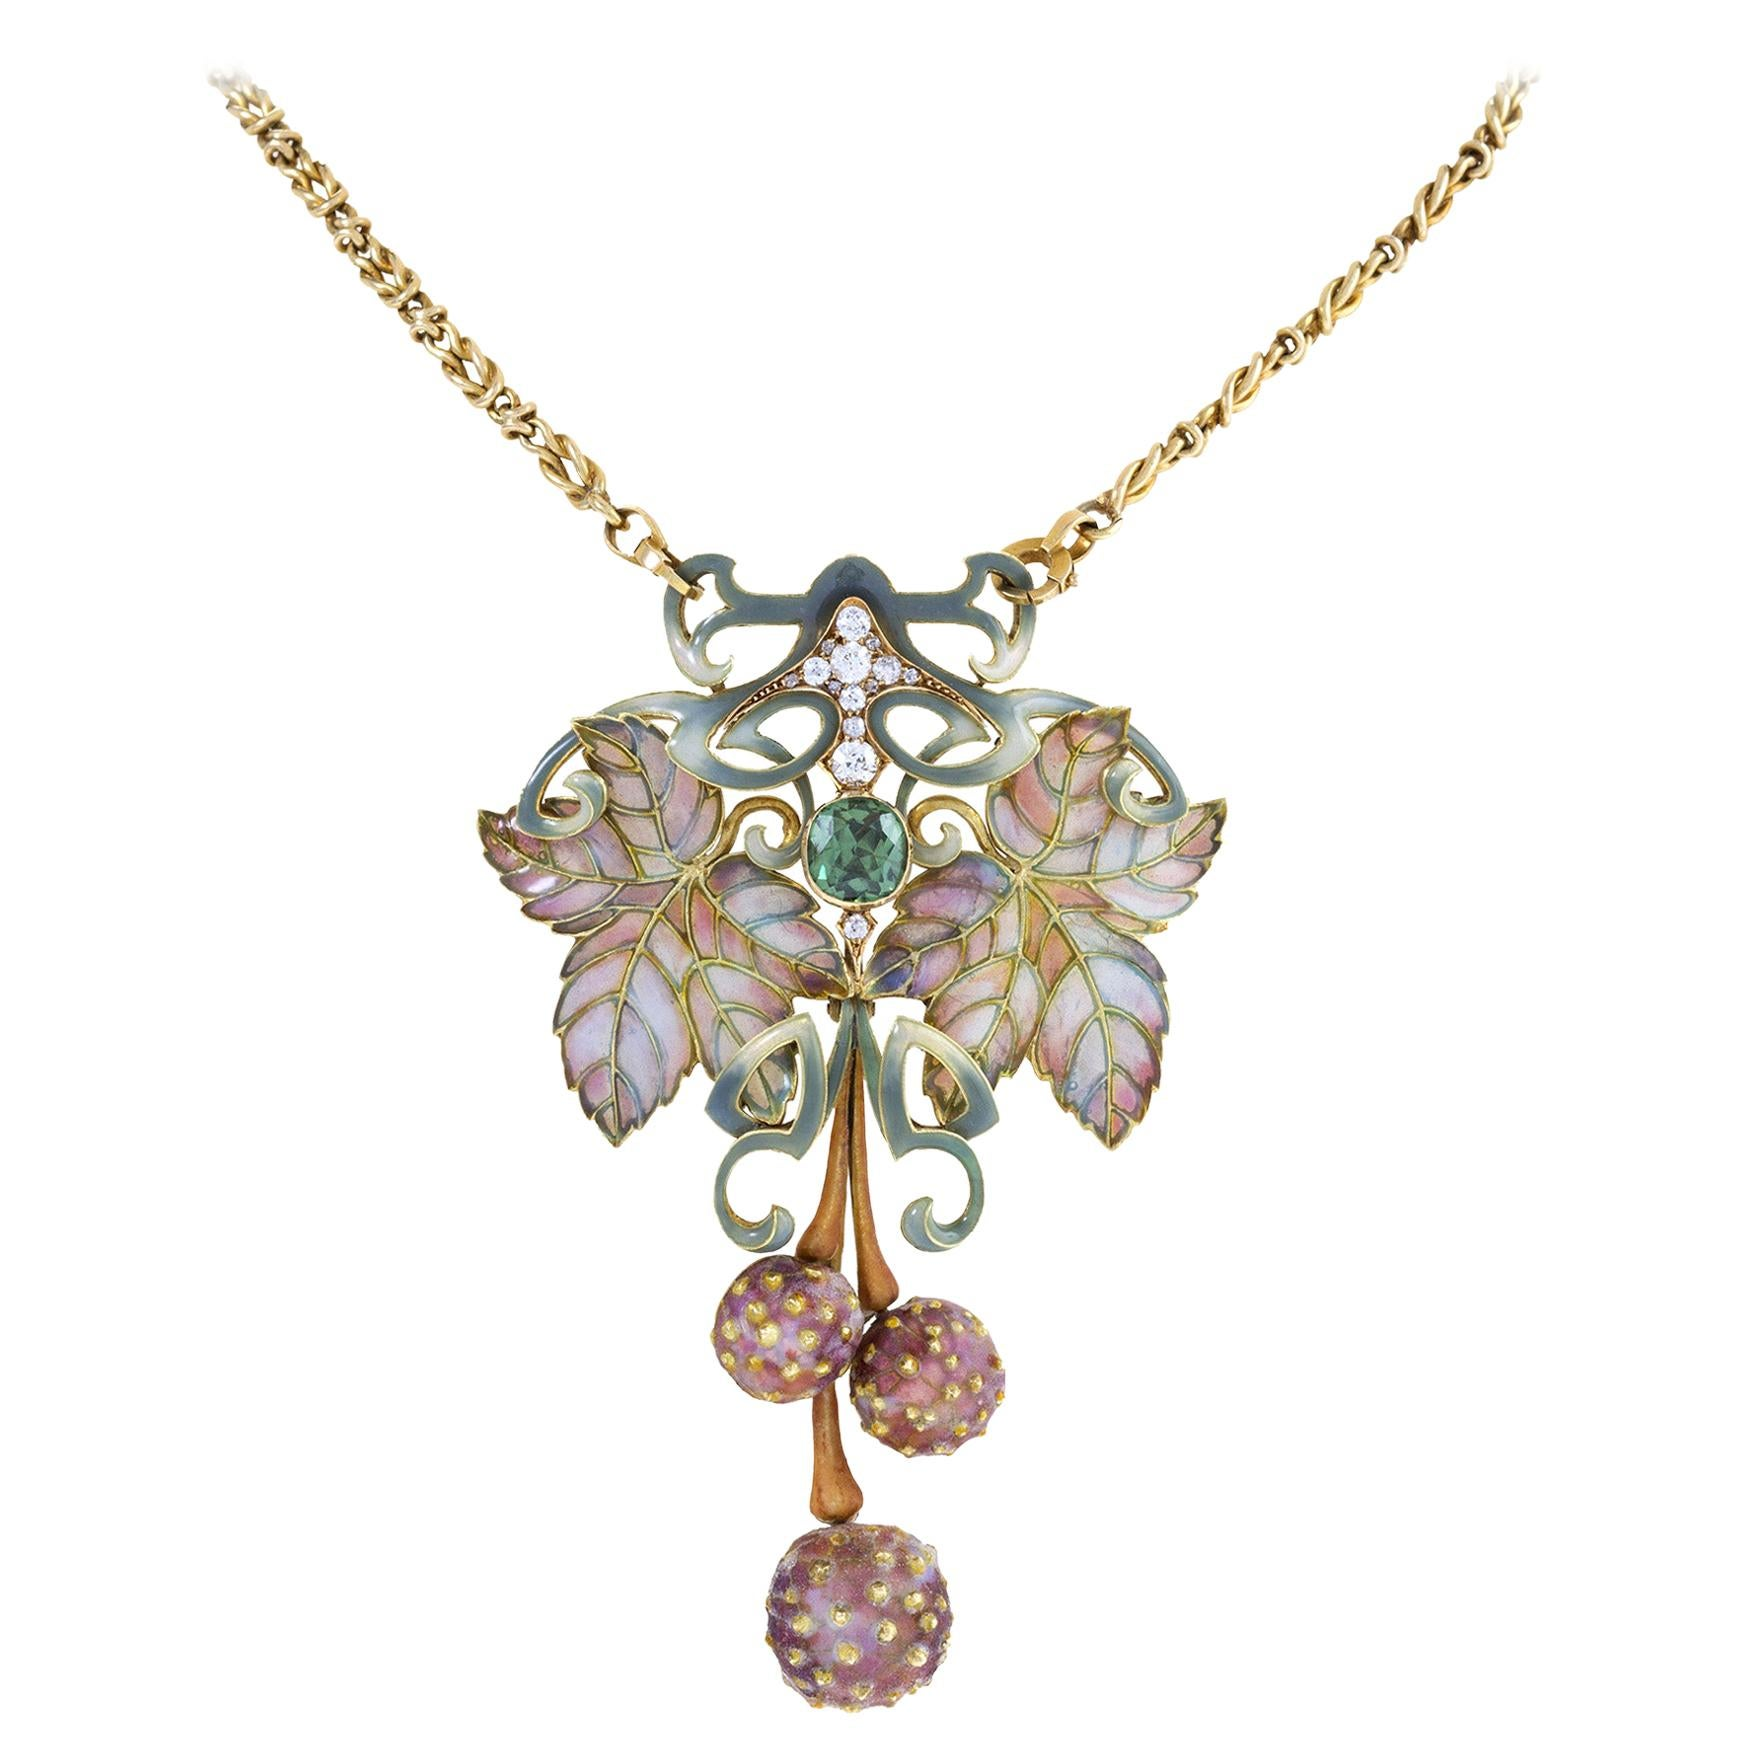 Philippe Wolfers Plique-à-Jour Enamel and Gem-Set Pendant Necklace